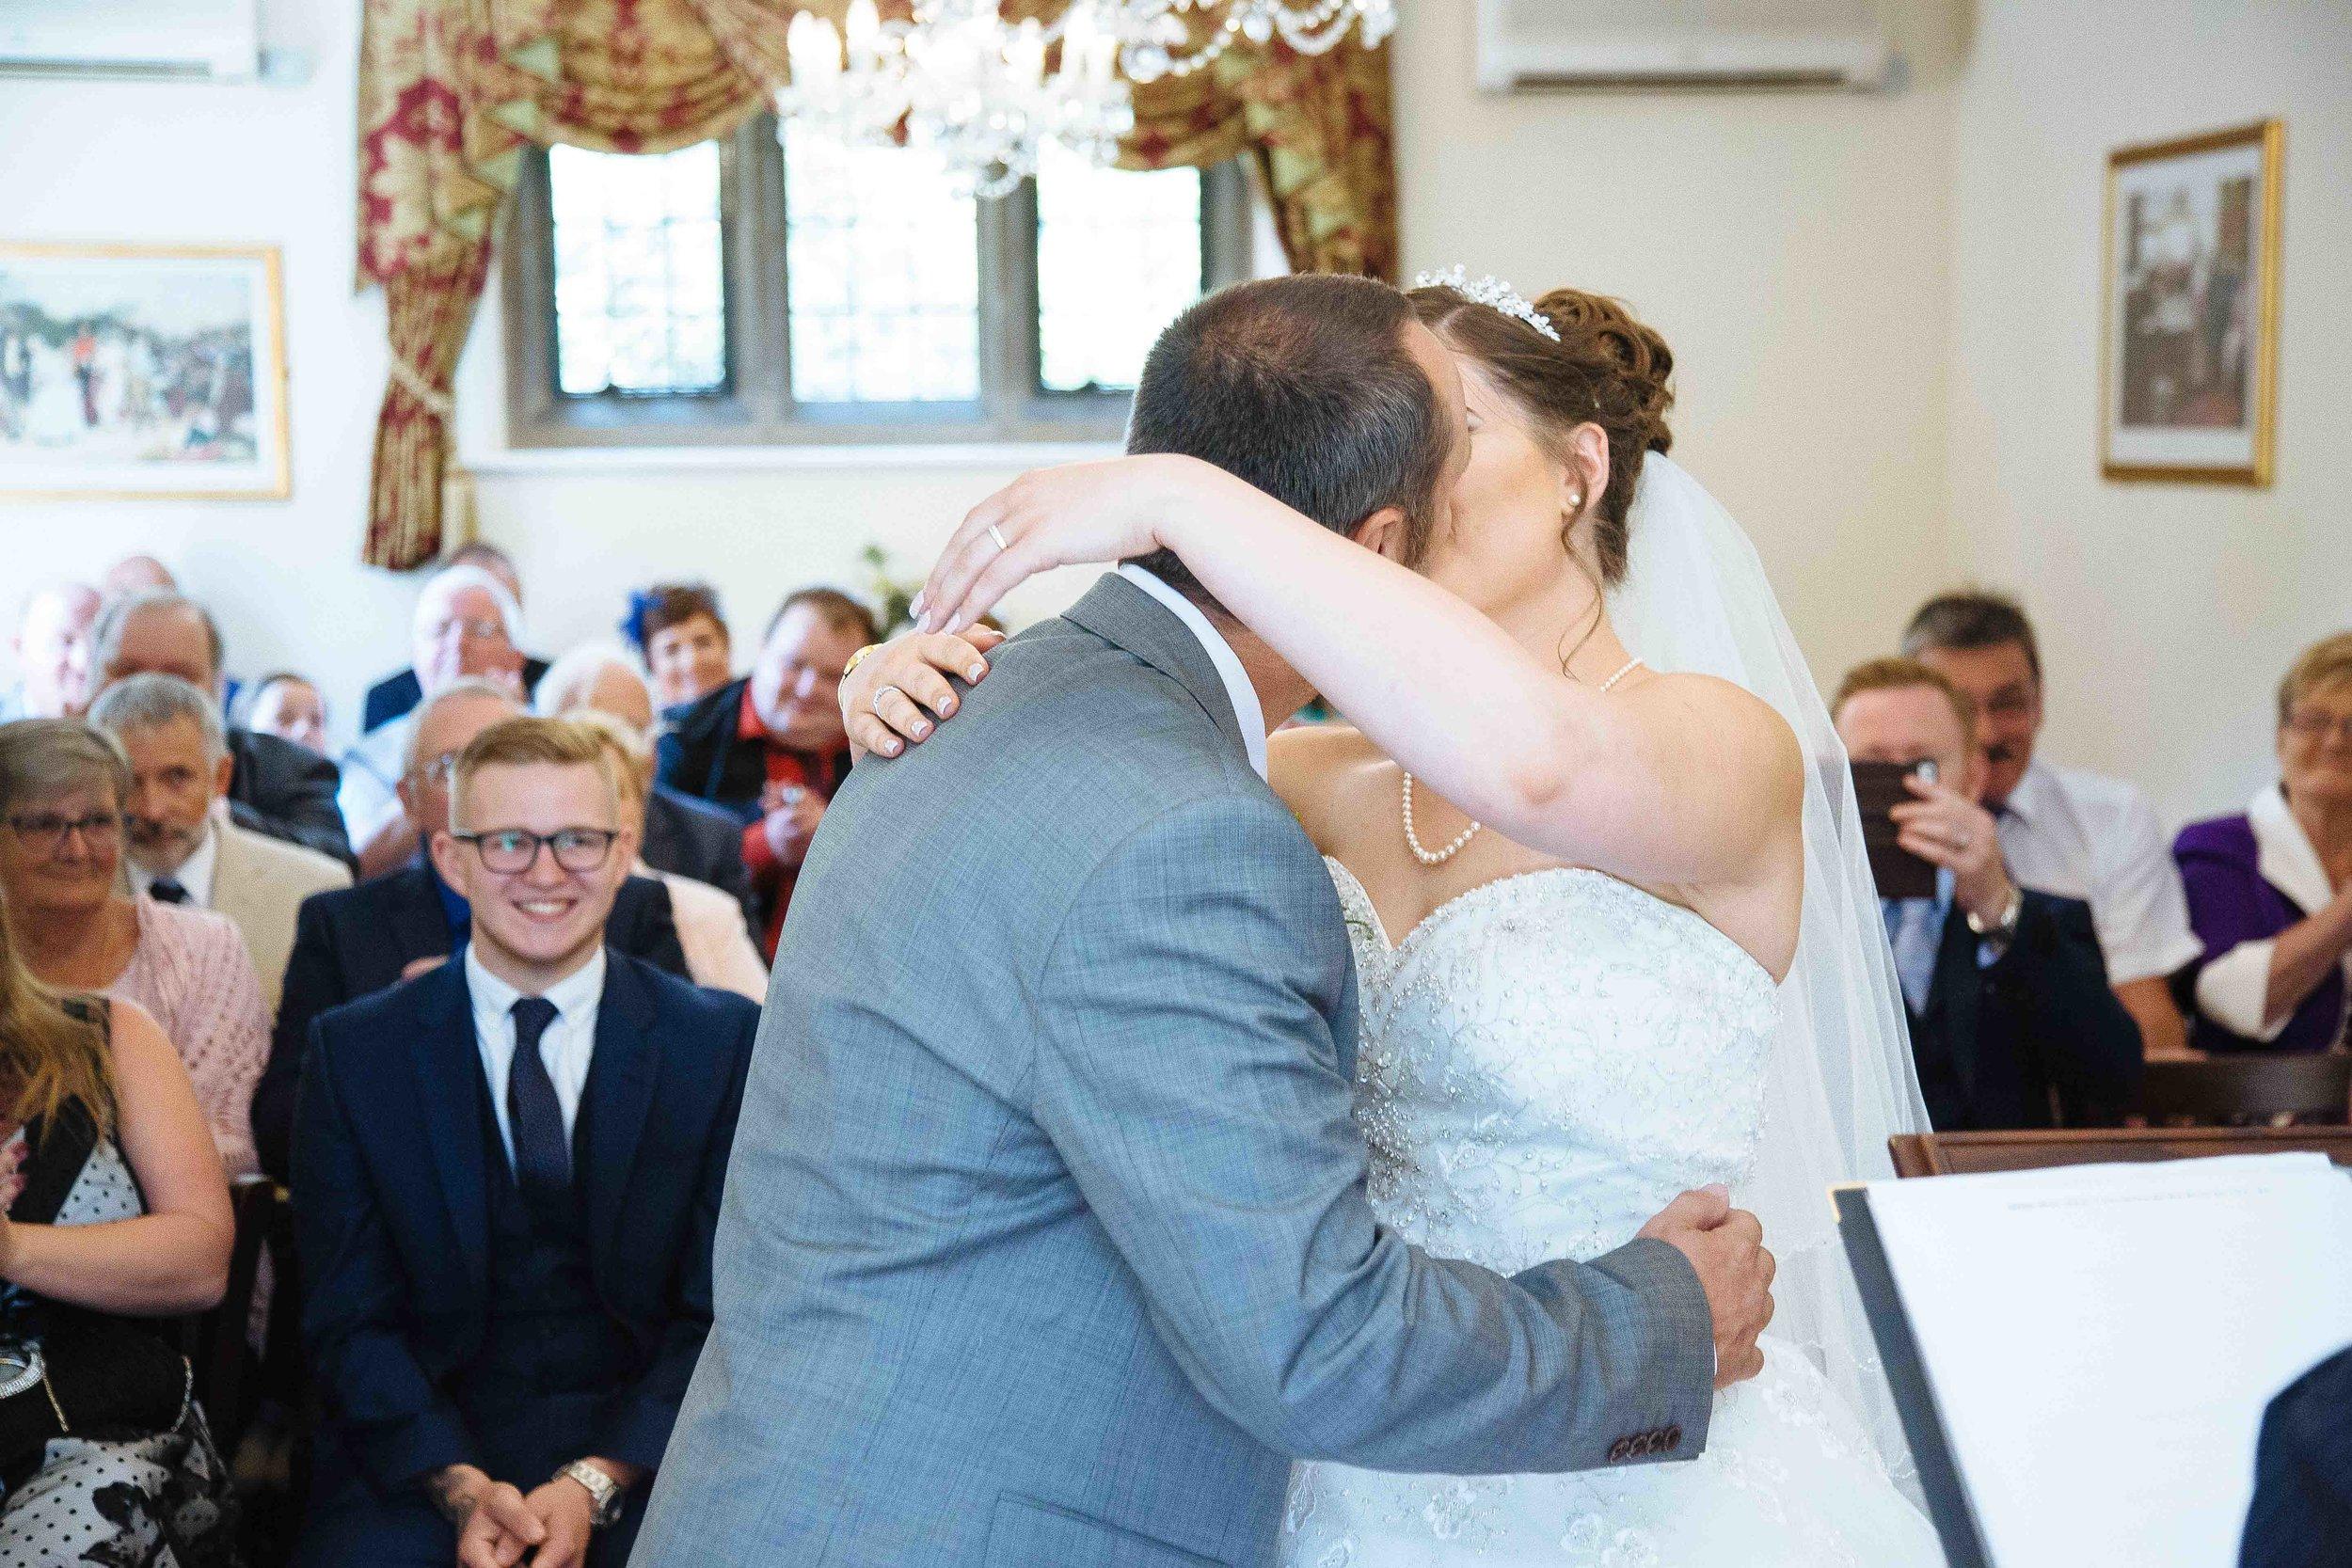 HamptonCourt-Wedding-Weybridge-Surrey-London-OatlandsParkHotel-29